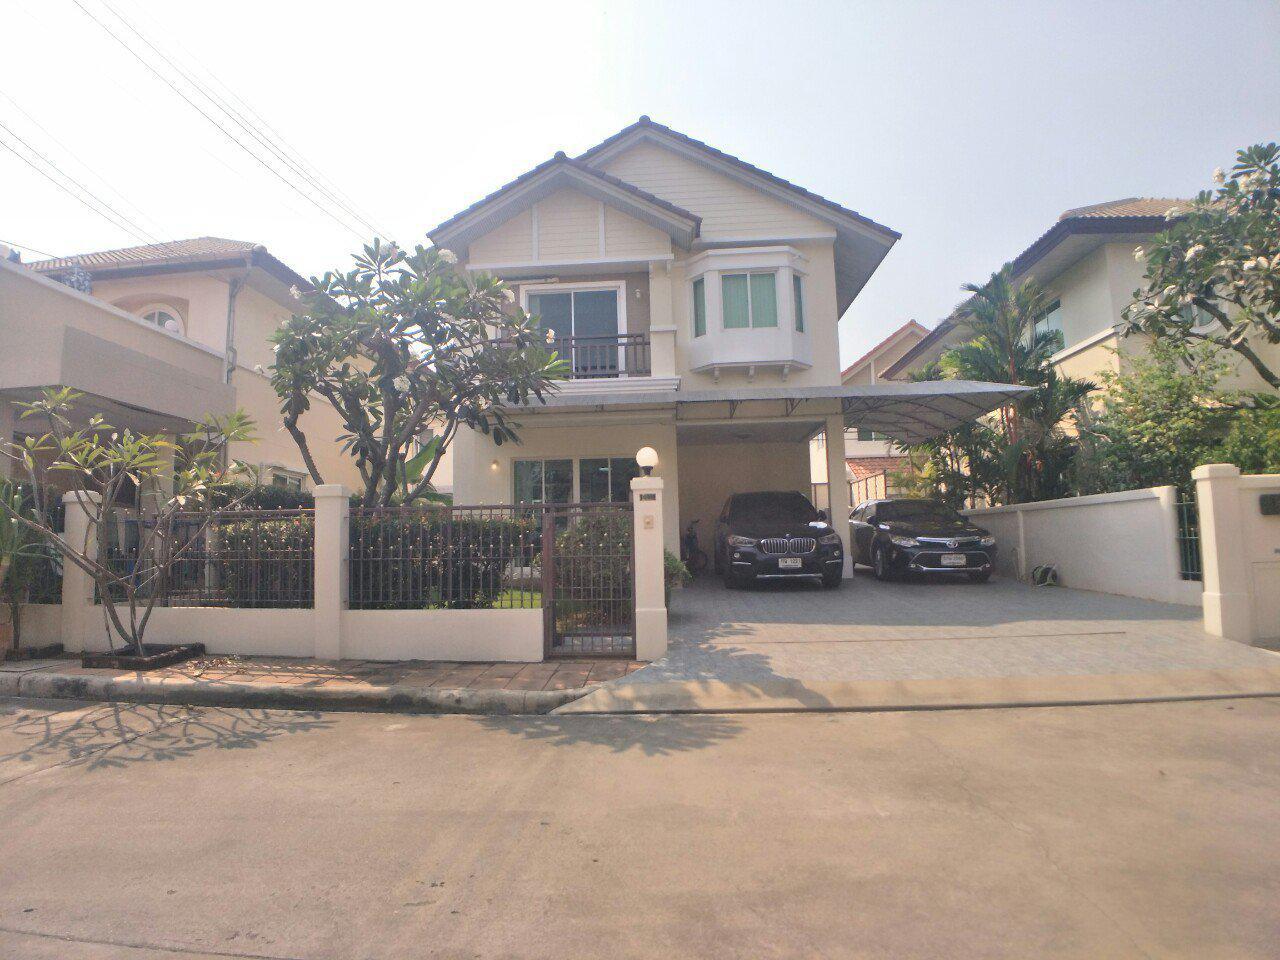 75102 - ขาย บ้านเดี่ยว หมู่บ้าน ชวนชื่น ประชาอุทิศ 113 ทุ่งครุ รูปที่ 1